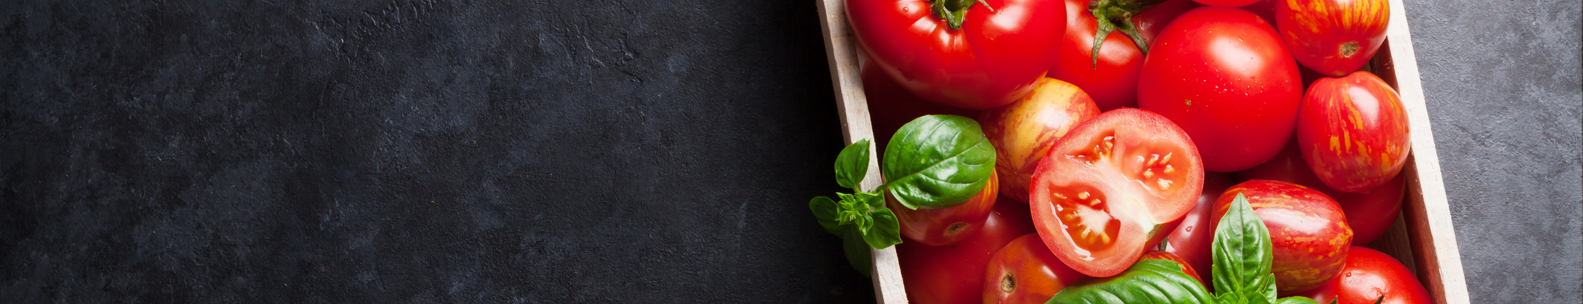 Maisto produktų analizatoriai  Maisto produktų analizatoriai ieškantiems aukštos kokybės, tikslaus matavimo prietaiso